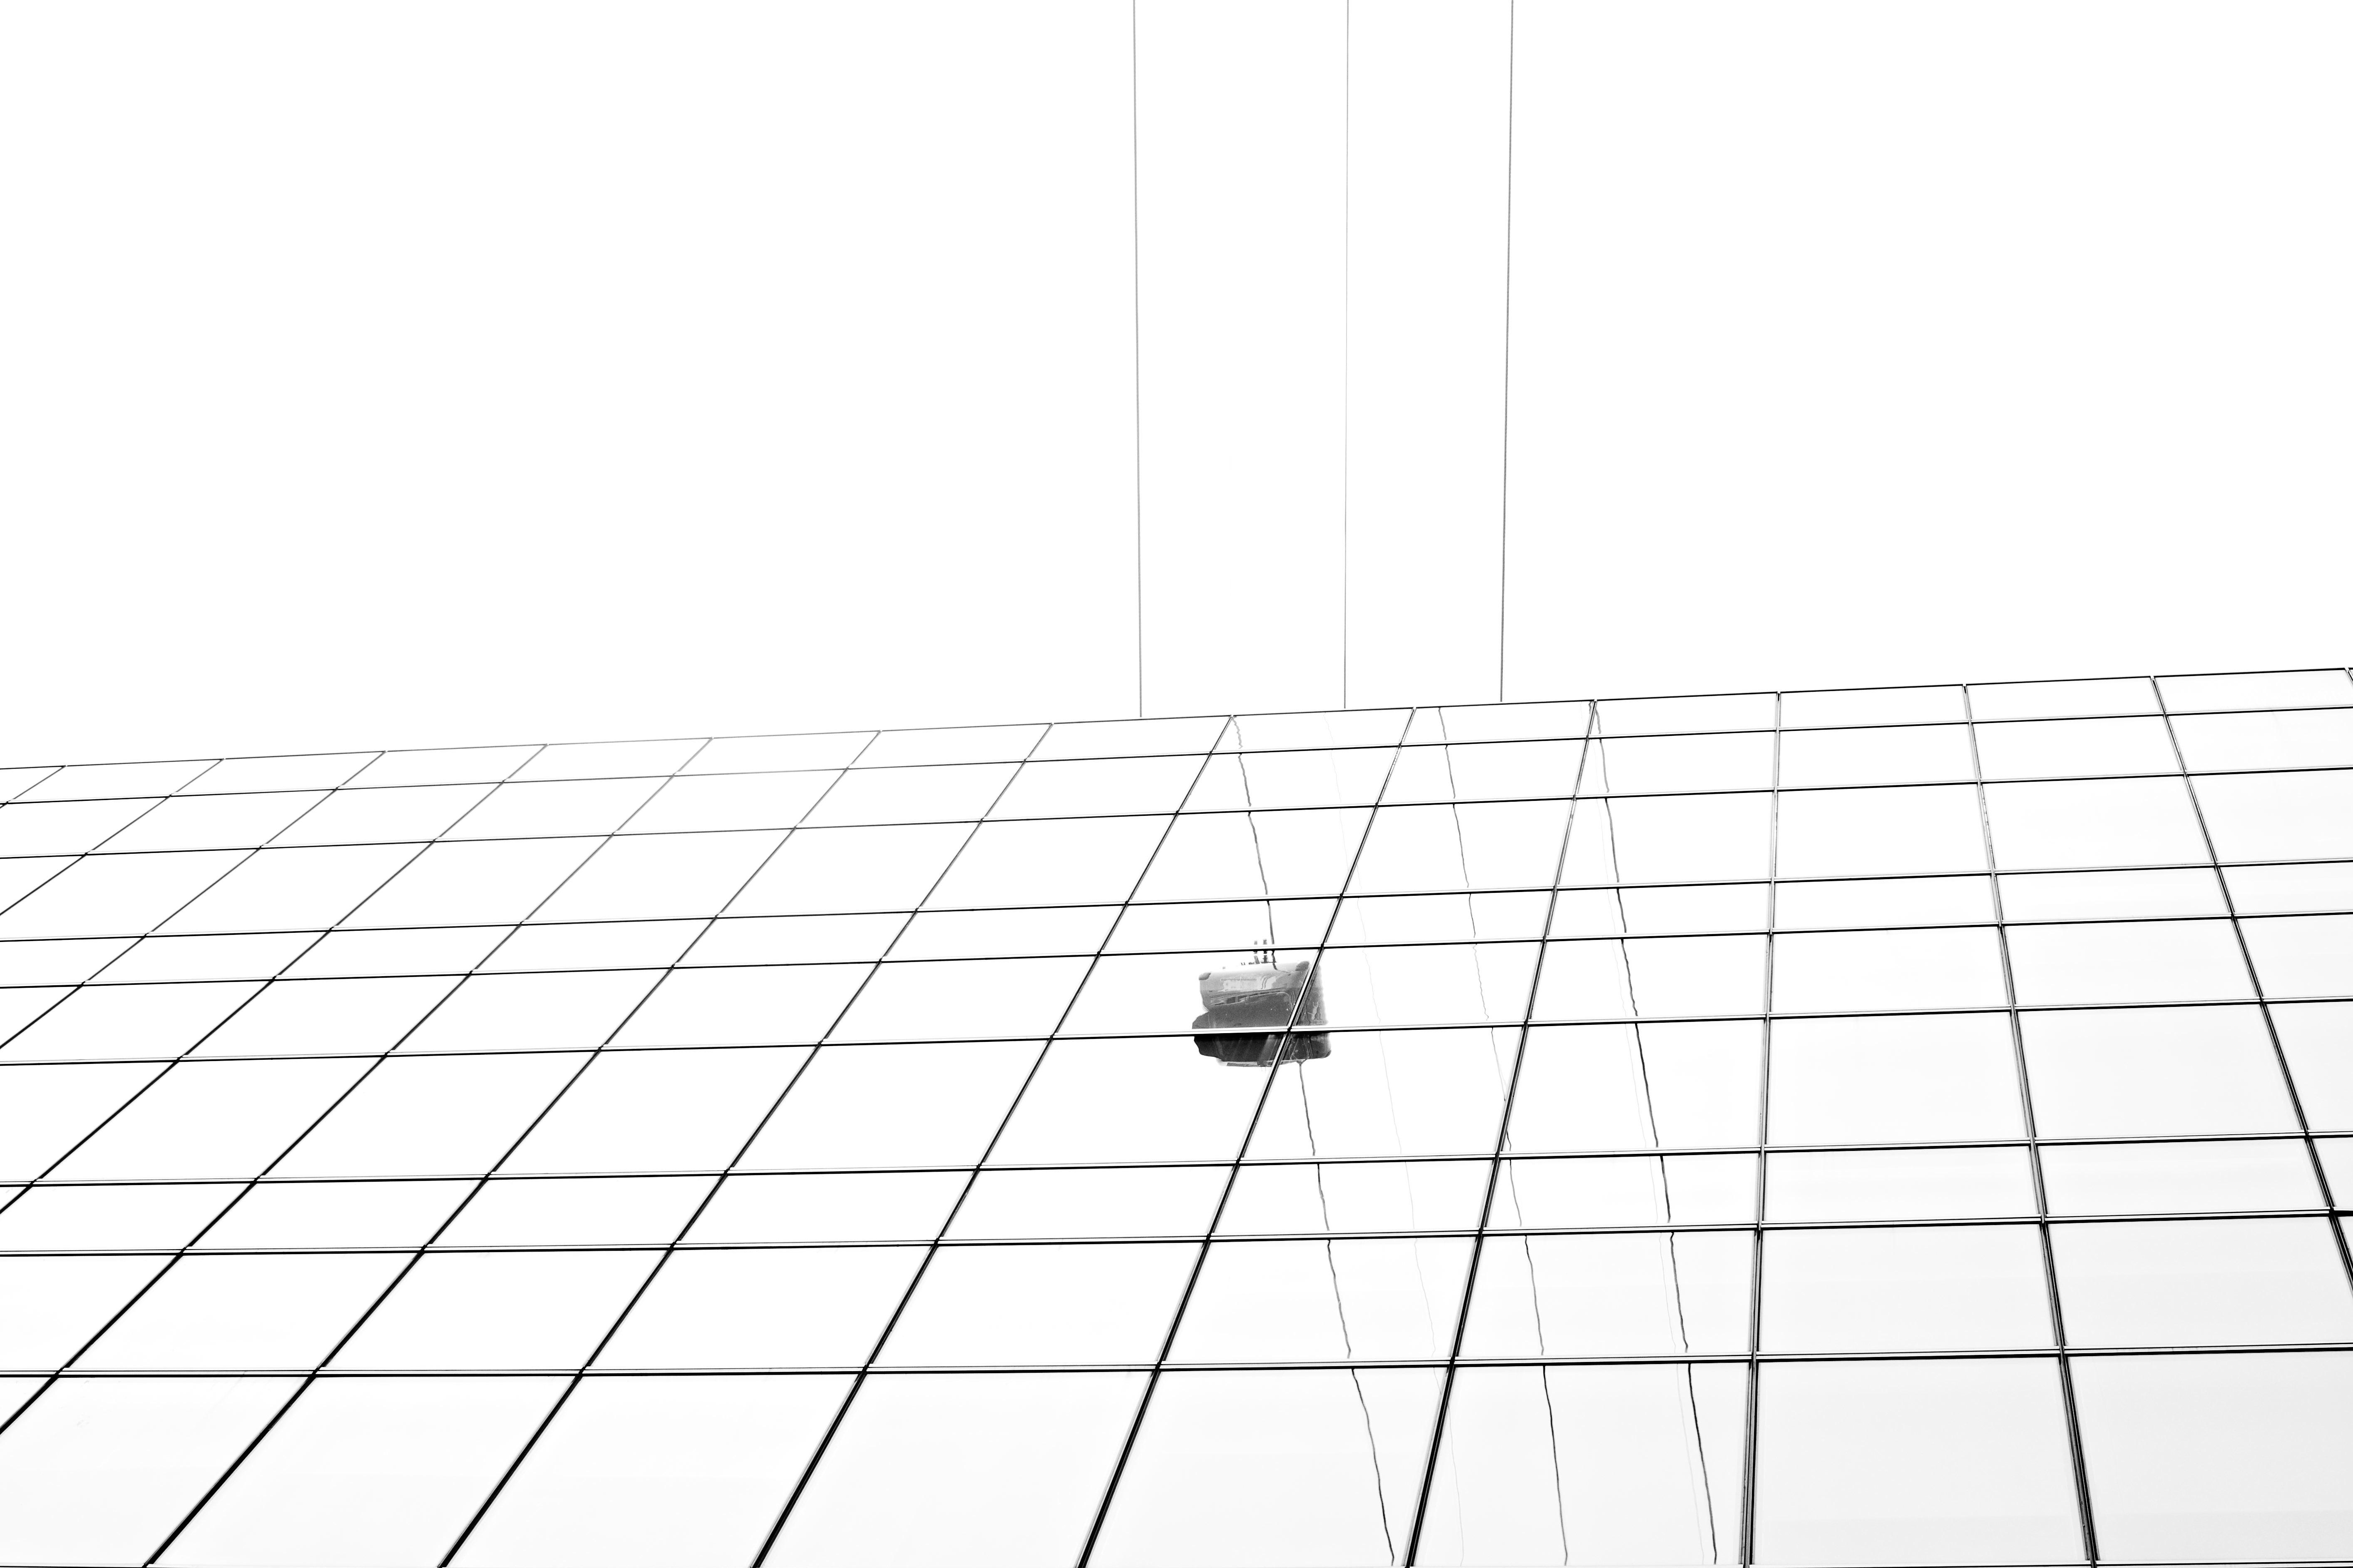 Fotos gratis piso l nea azulejo circulo dibujo - Que es un piso vinilico ...